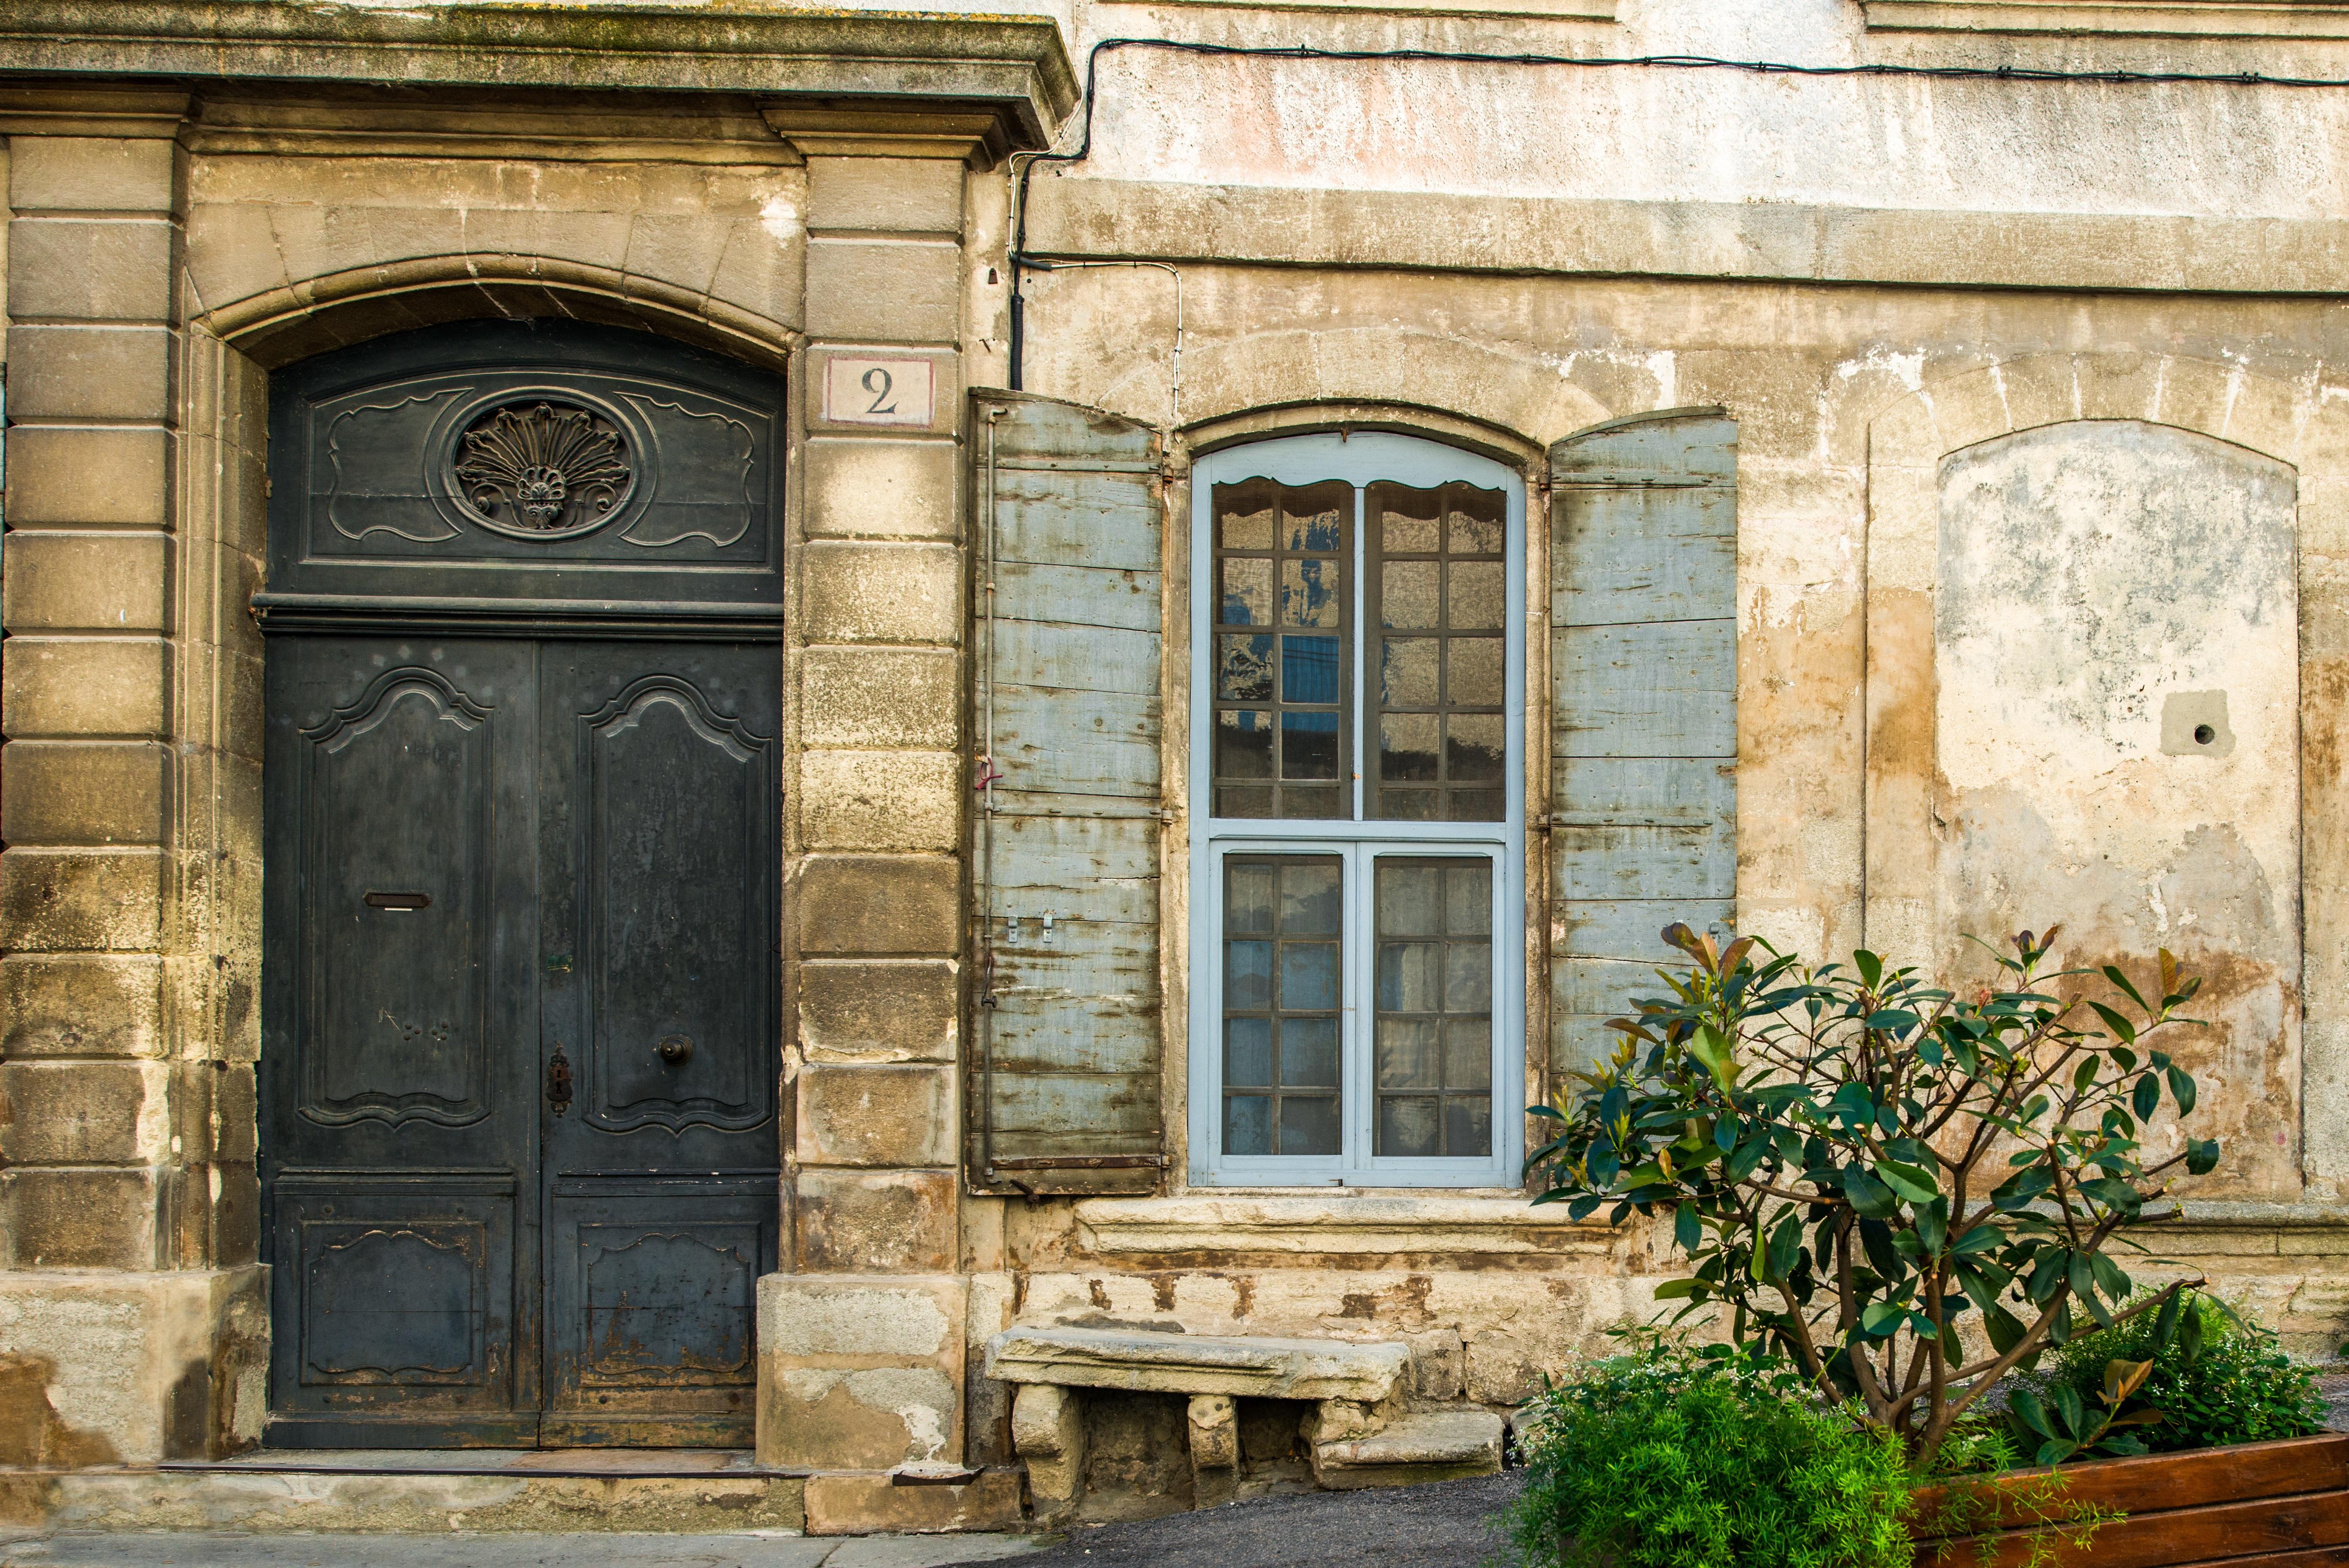 Fotos gratis arquitectura madera palacio ventana ciudad arco fachada azul puerta casa - Persianas palacio ...